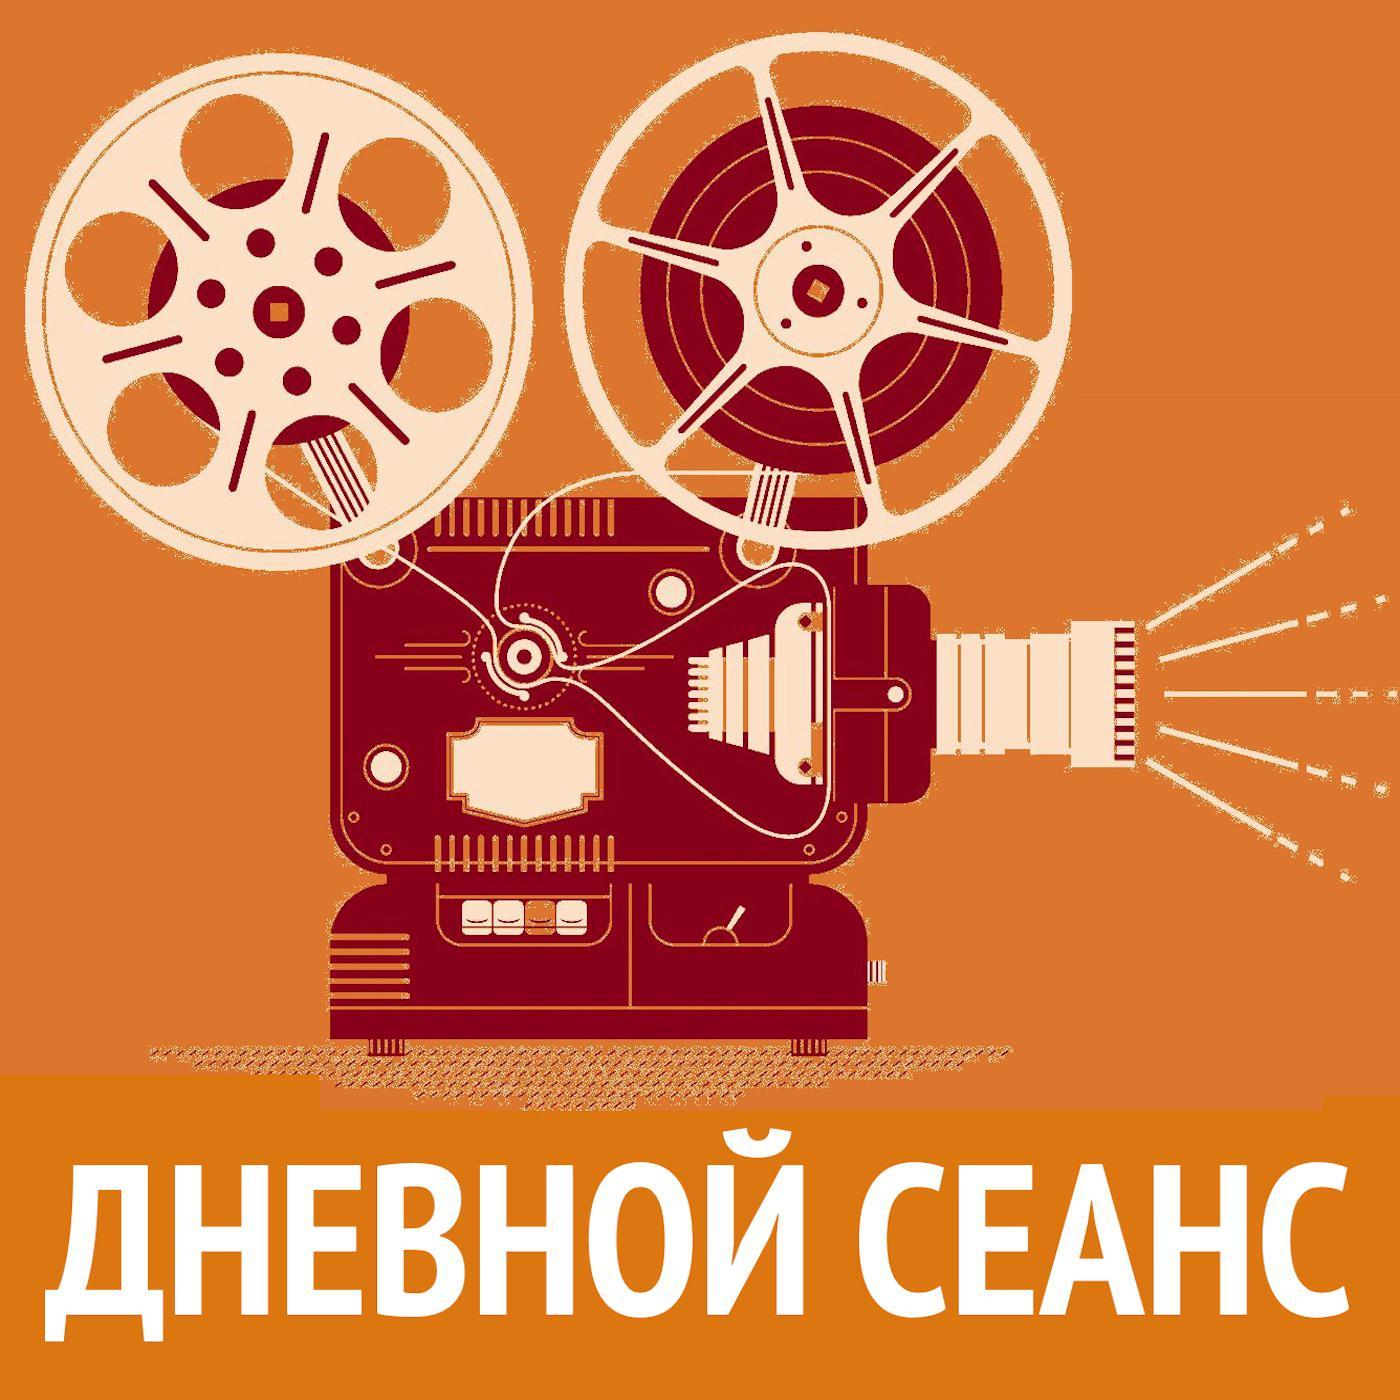 Илья Либман Осенние кинопремьеры и фильмы-юбиляры (1969 год) фильмы натальи гундаревой 5 dvd